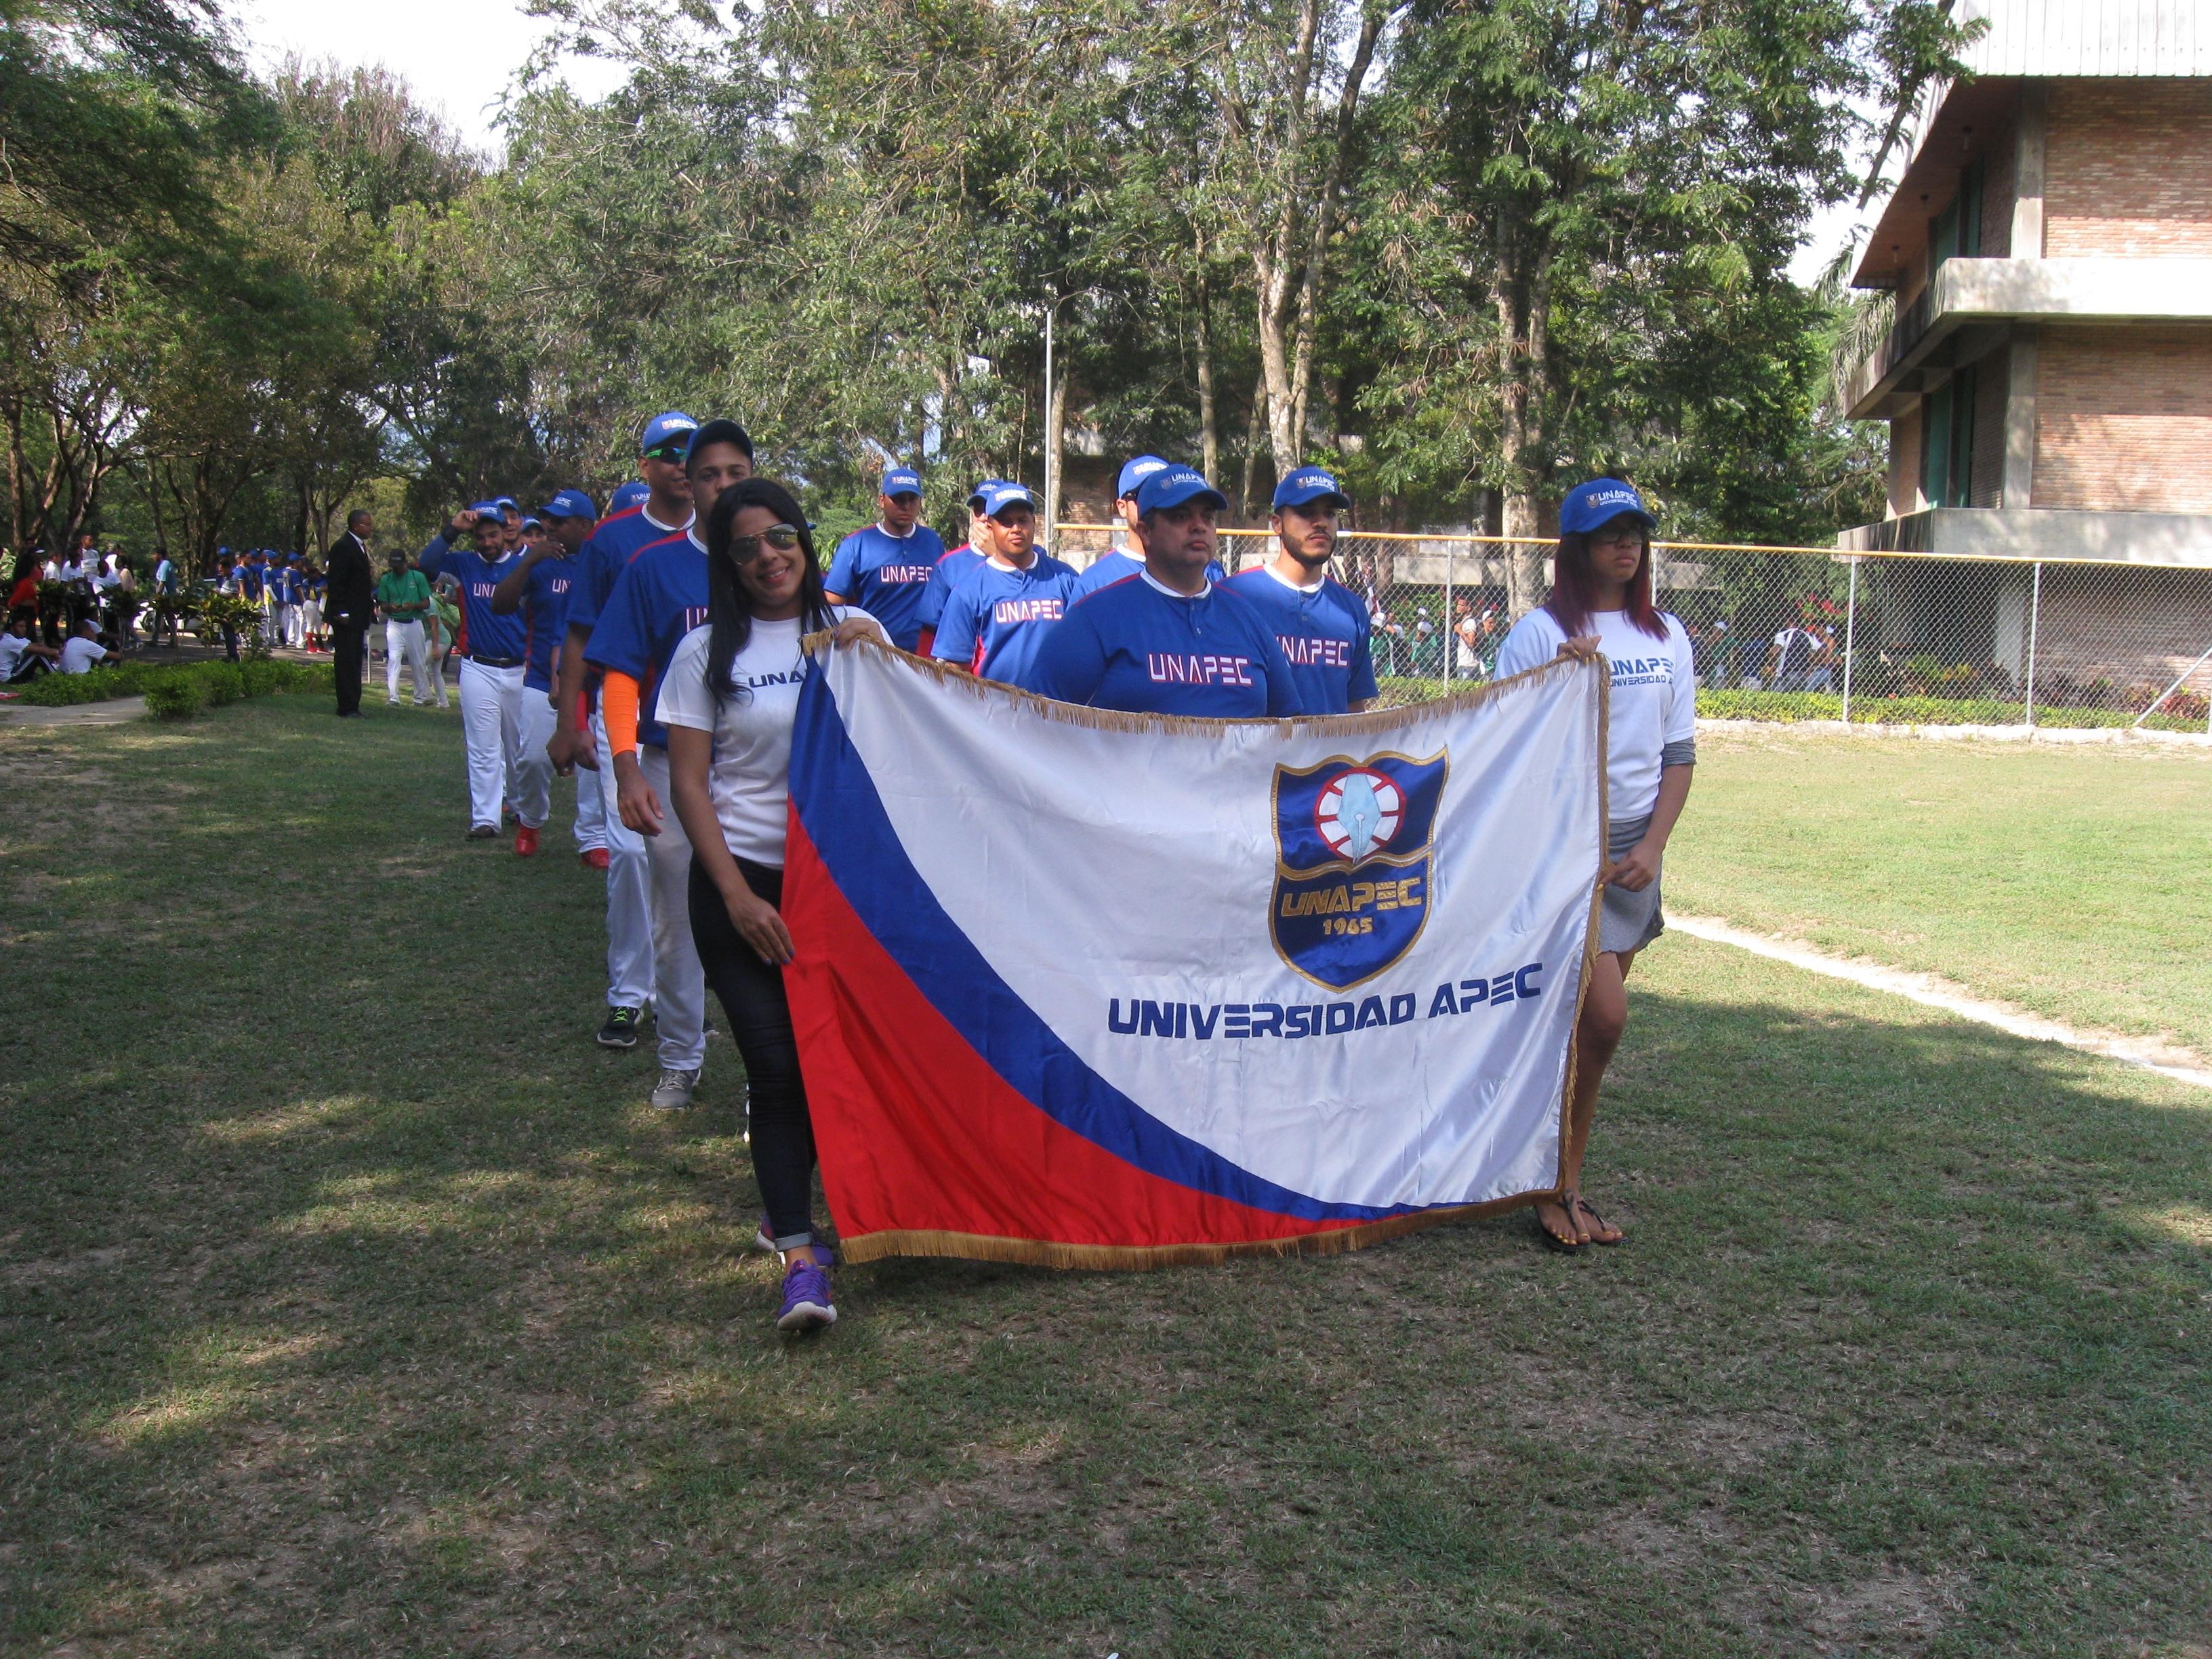 Equipo de Softball Chata de UNAPEC